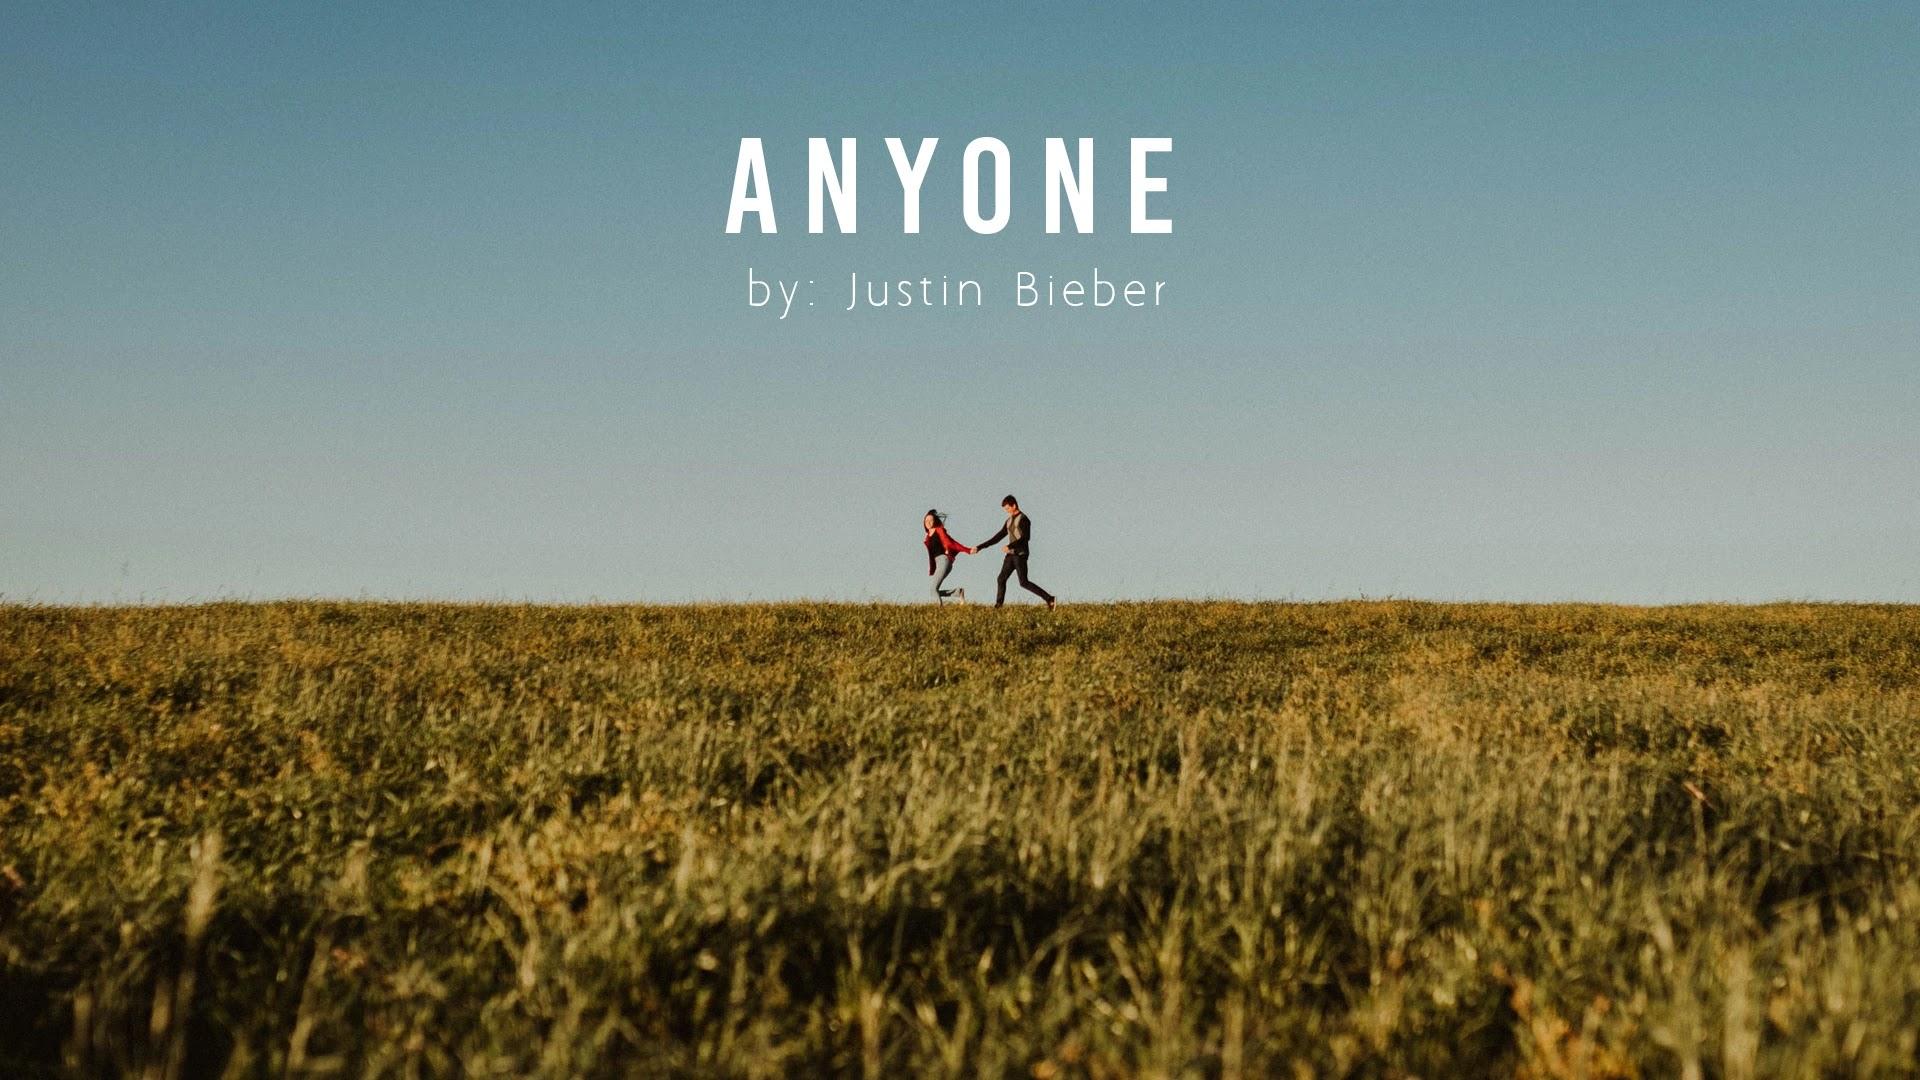 Anyone - Justin Bieber